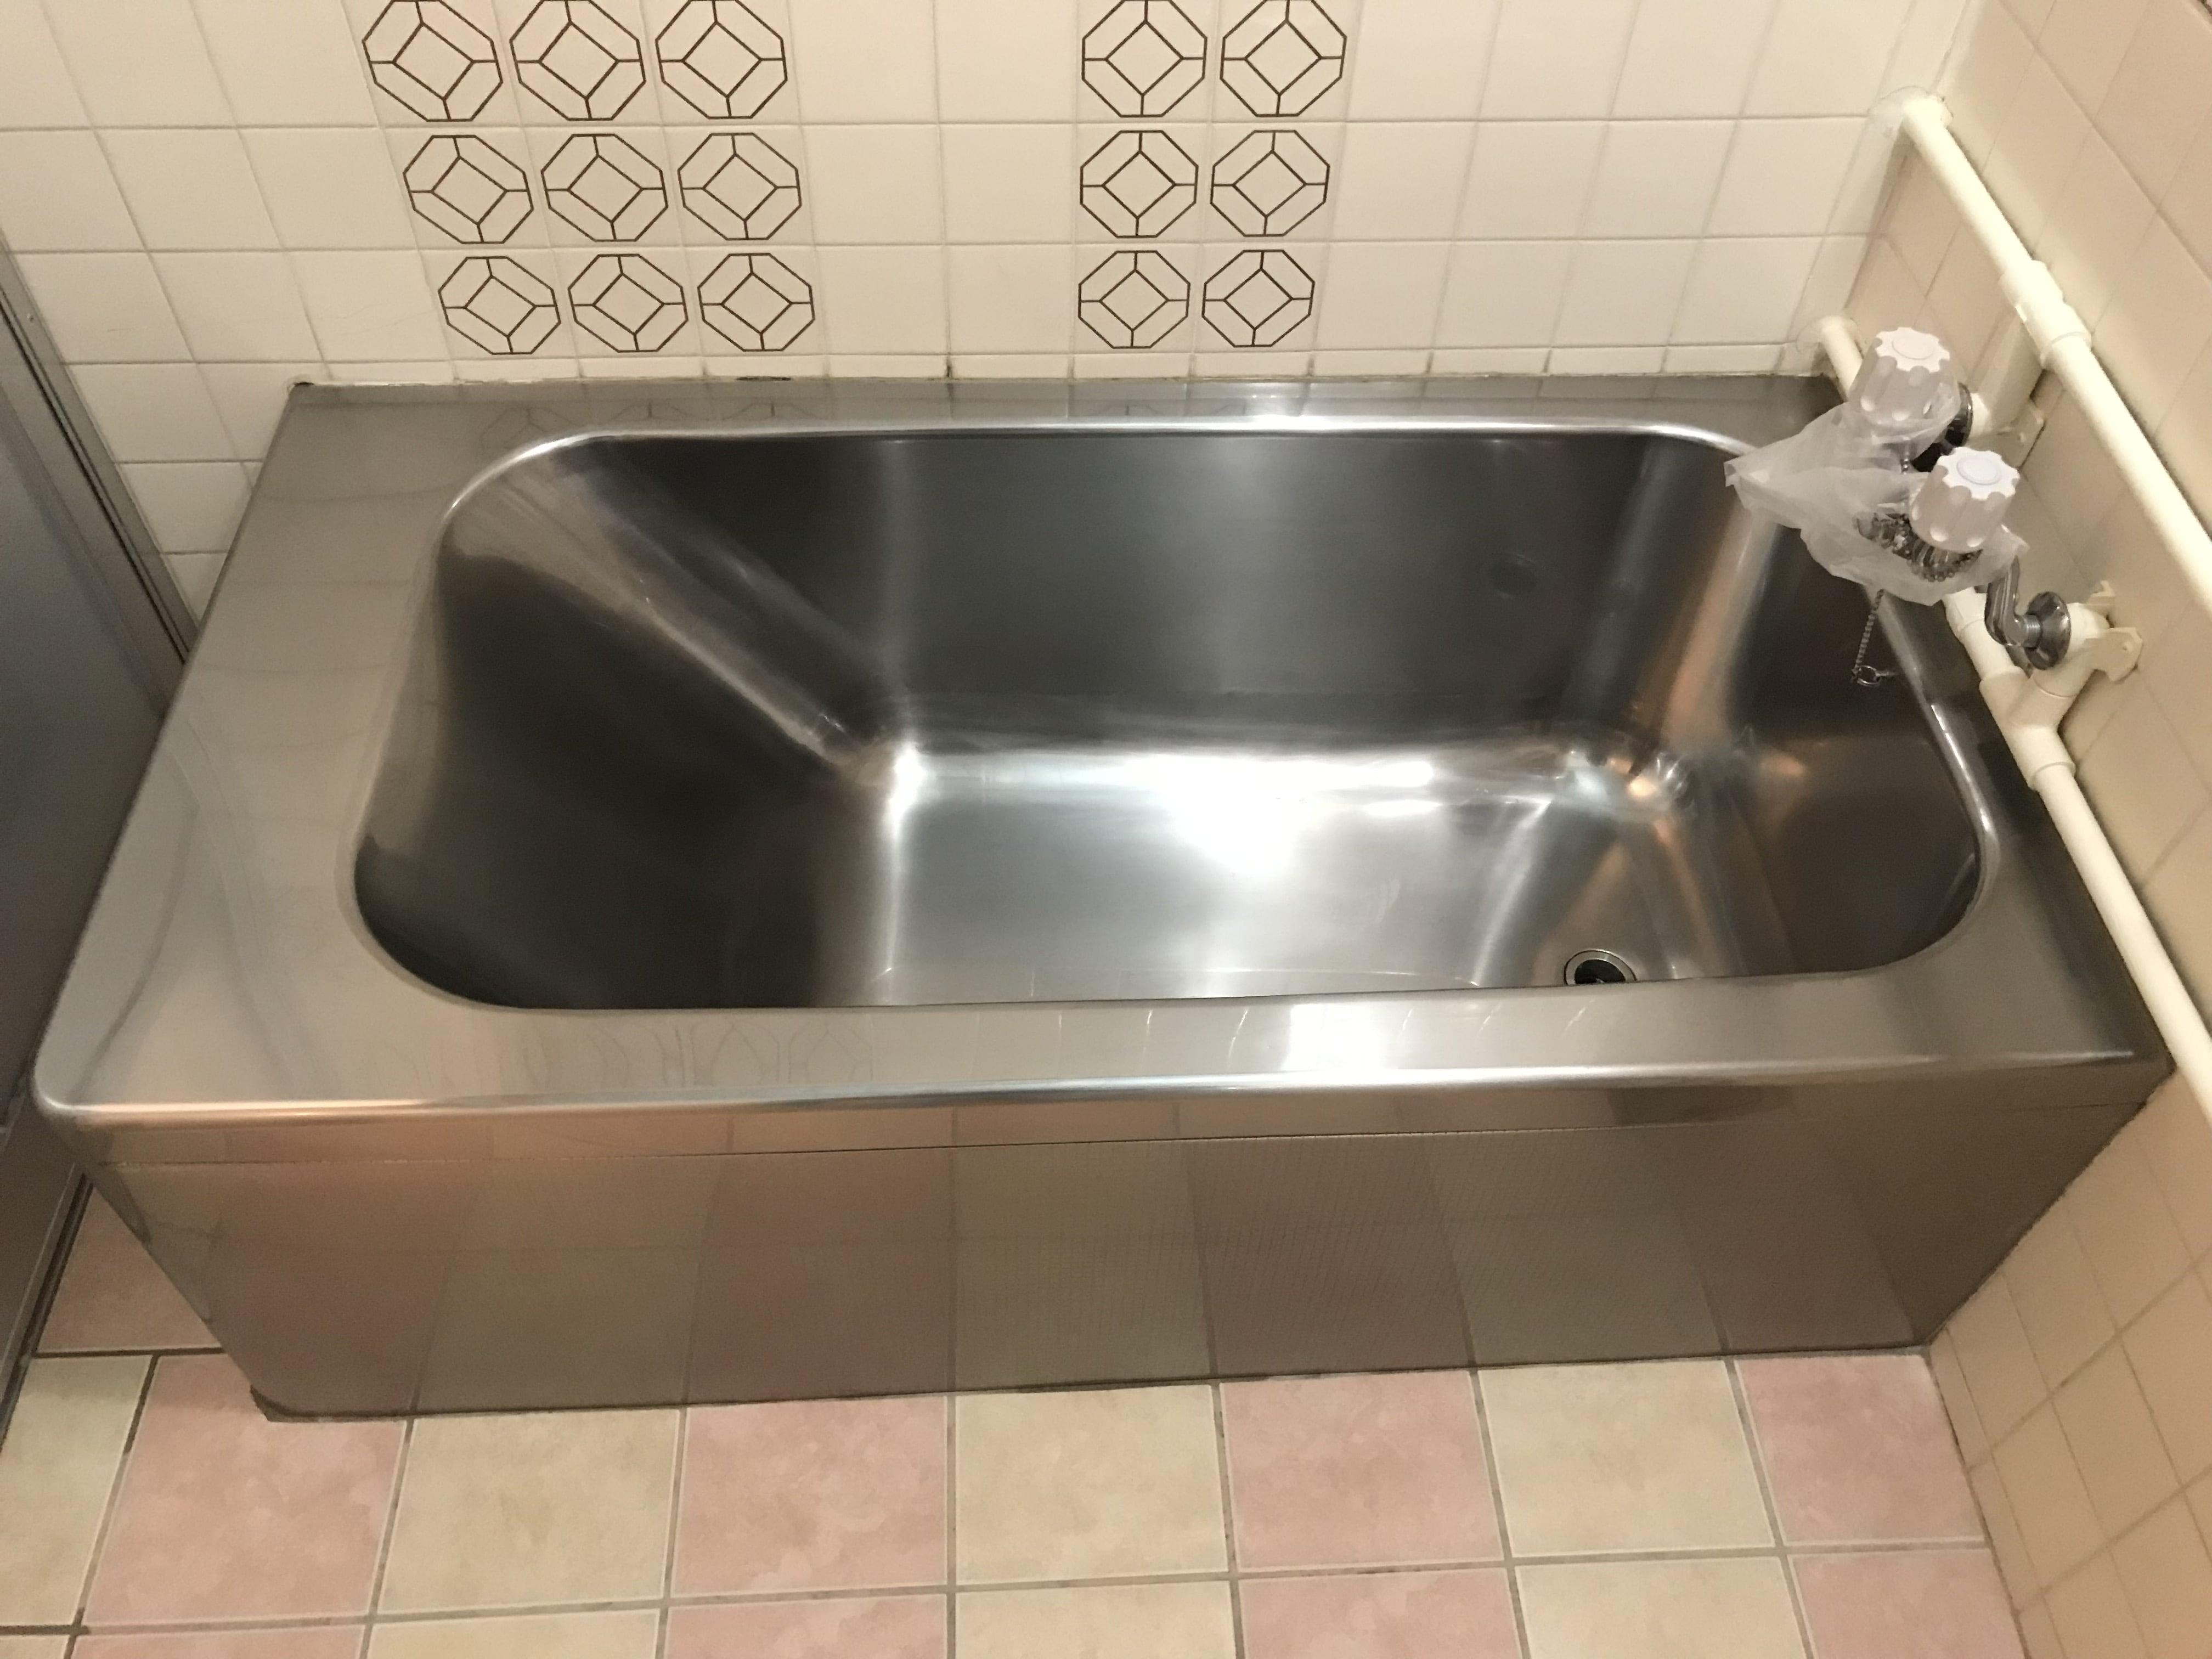 浴室の超耐久汚れキズ防止ガラス被膜コーティング(新築住宅向け)のイメージその1